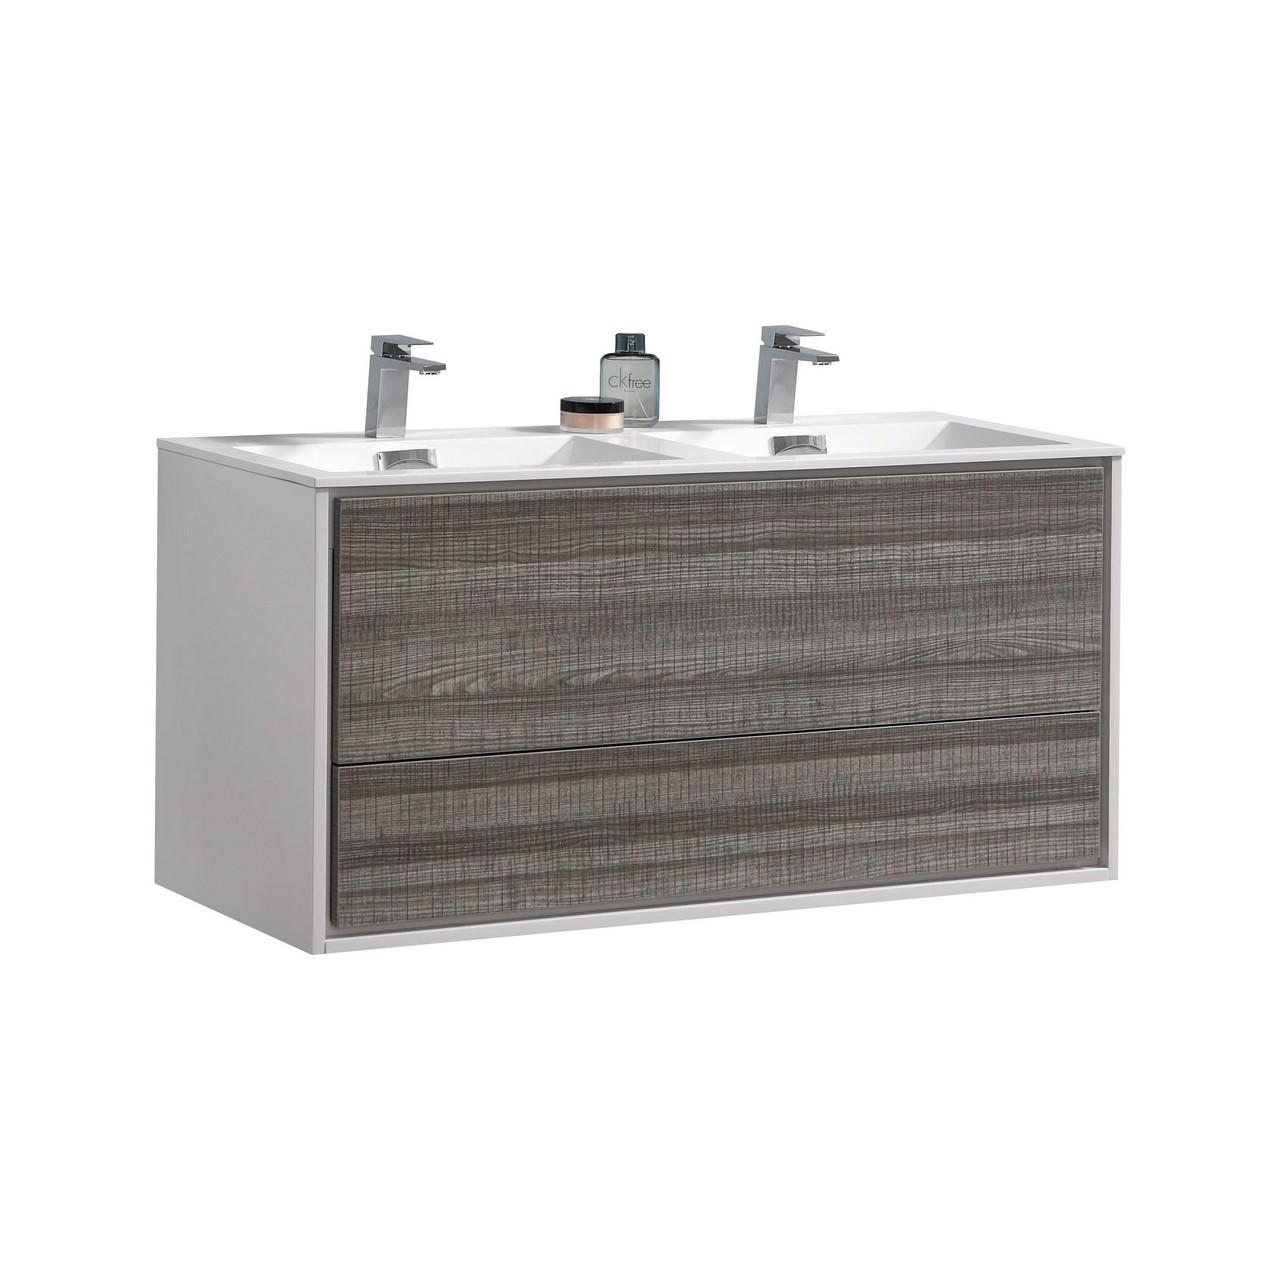 De Lusso 48 Double Sink Ash Gray Wall Mount Modern